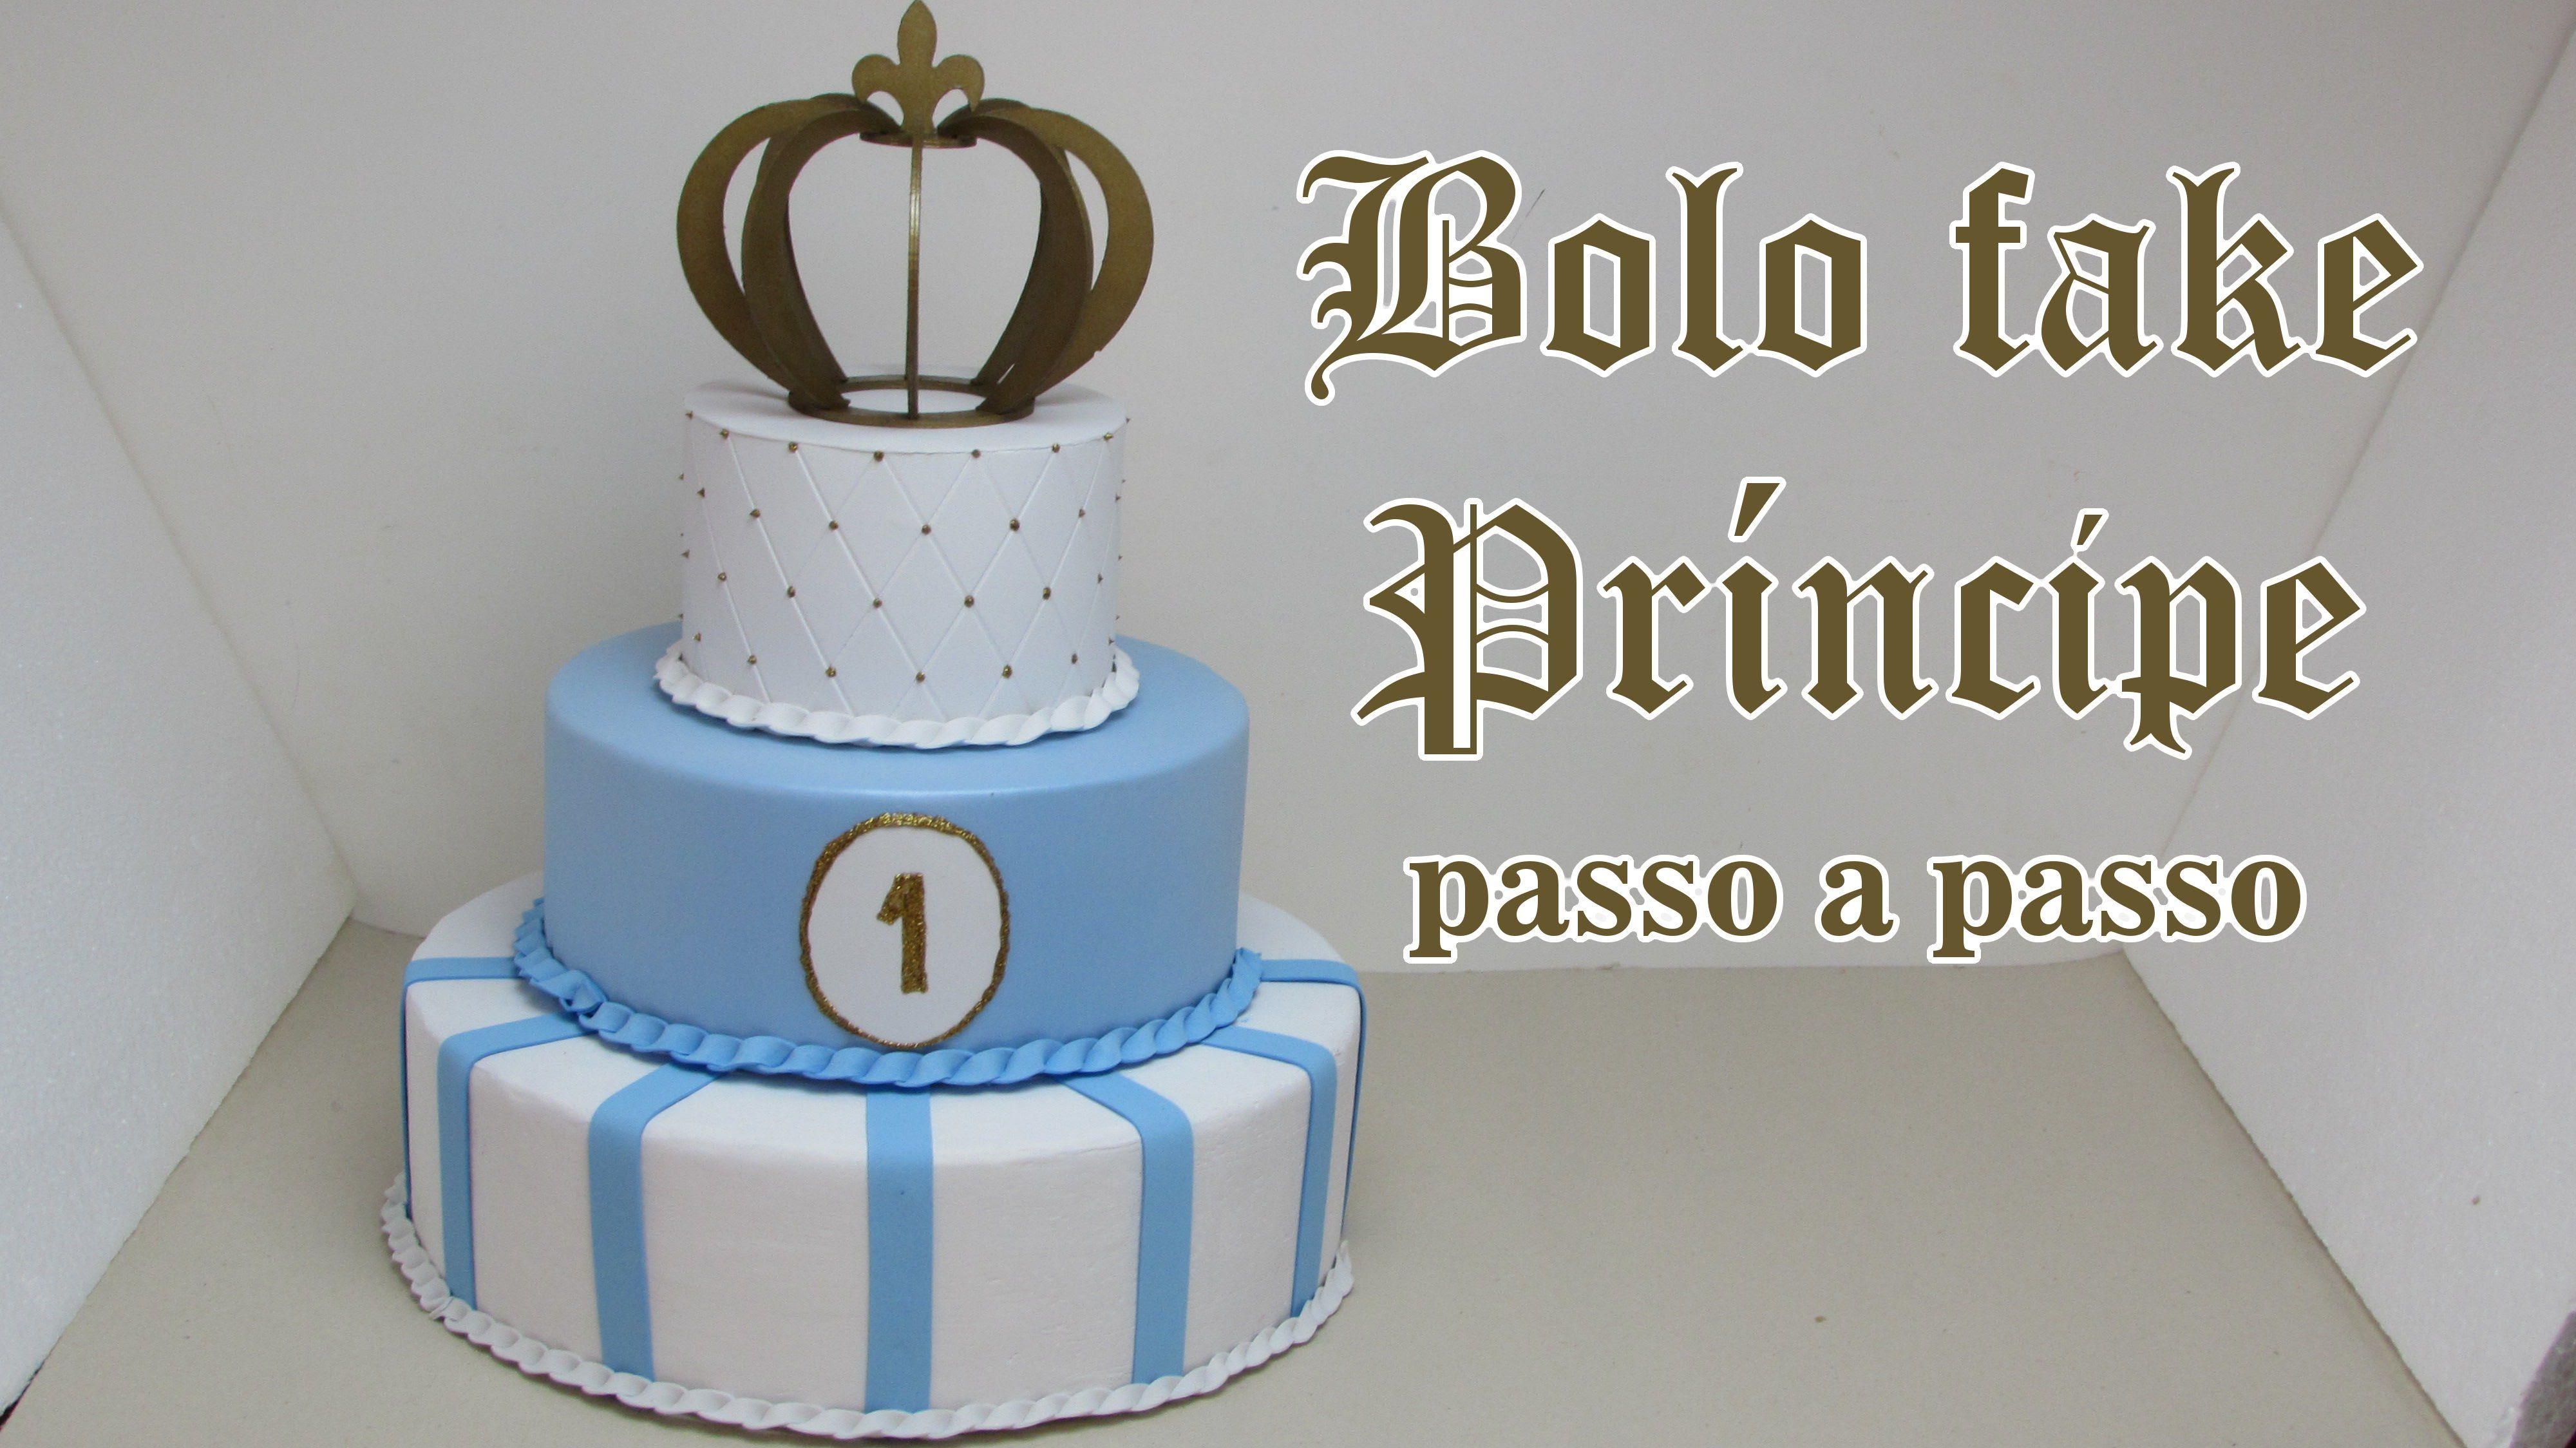 Bolo fake Príncipe passo a passo  c9e6db0496205